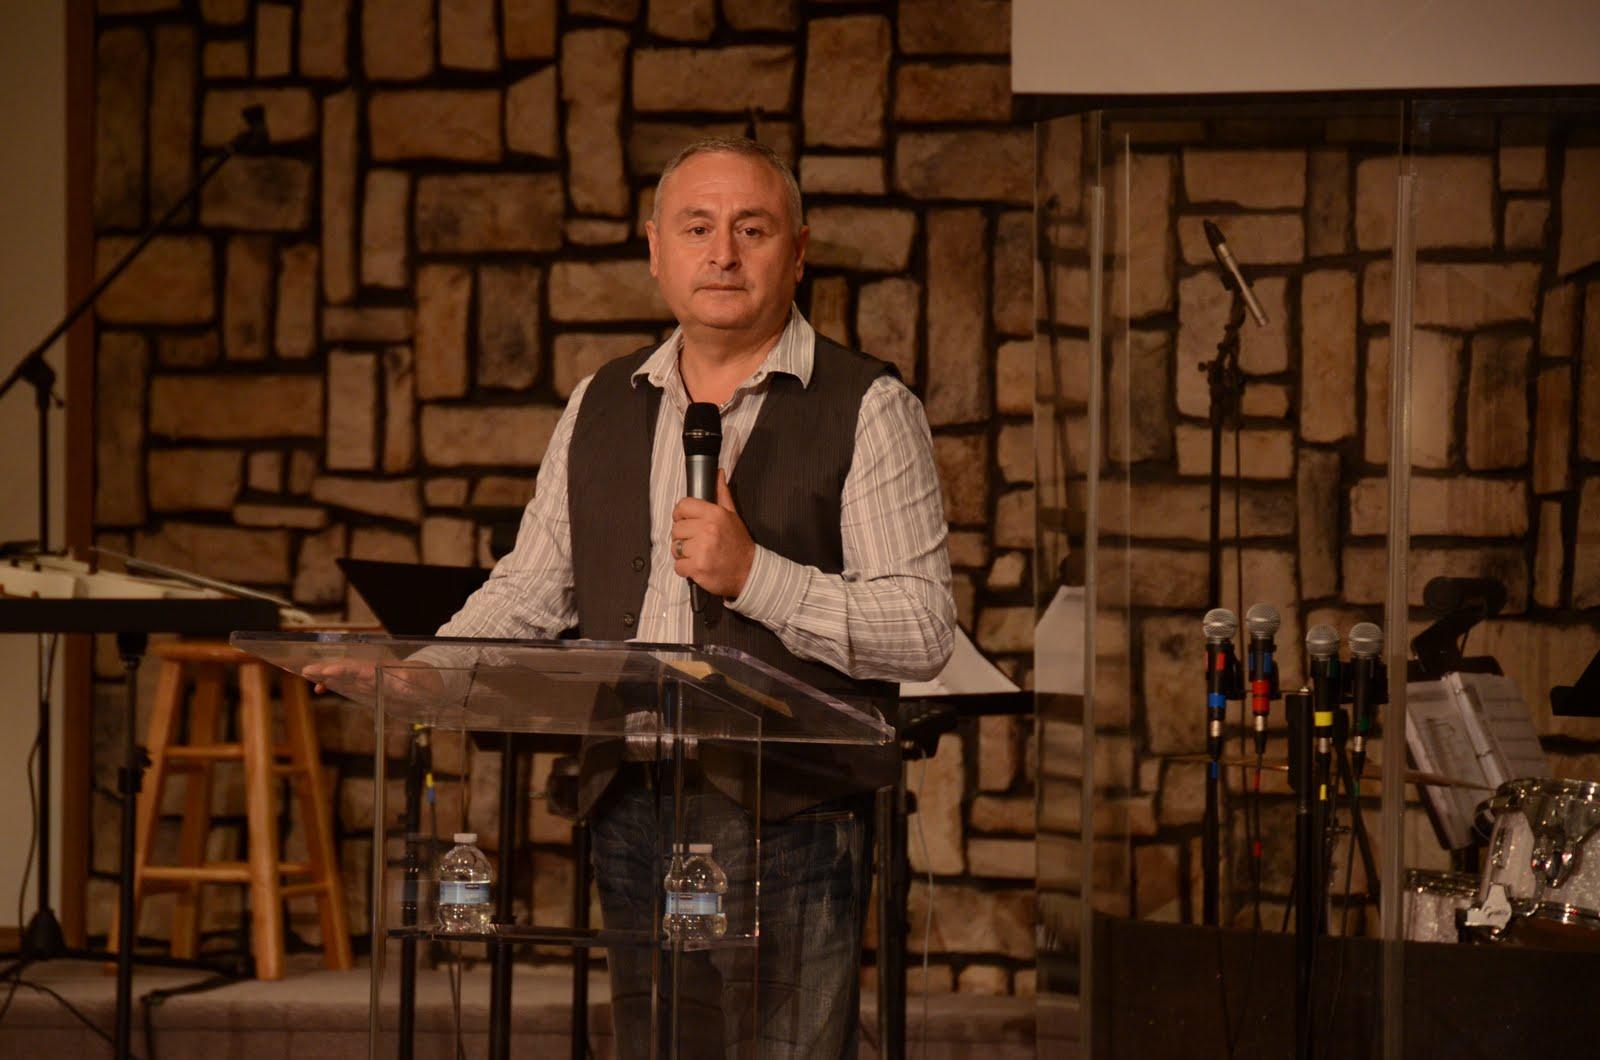 Смотреть проповеди джона бивера 20 фотография